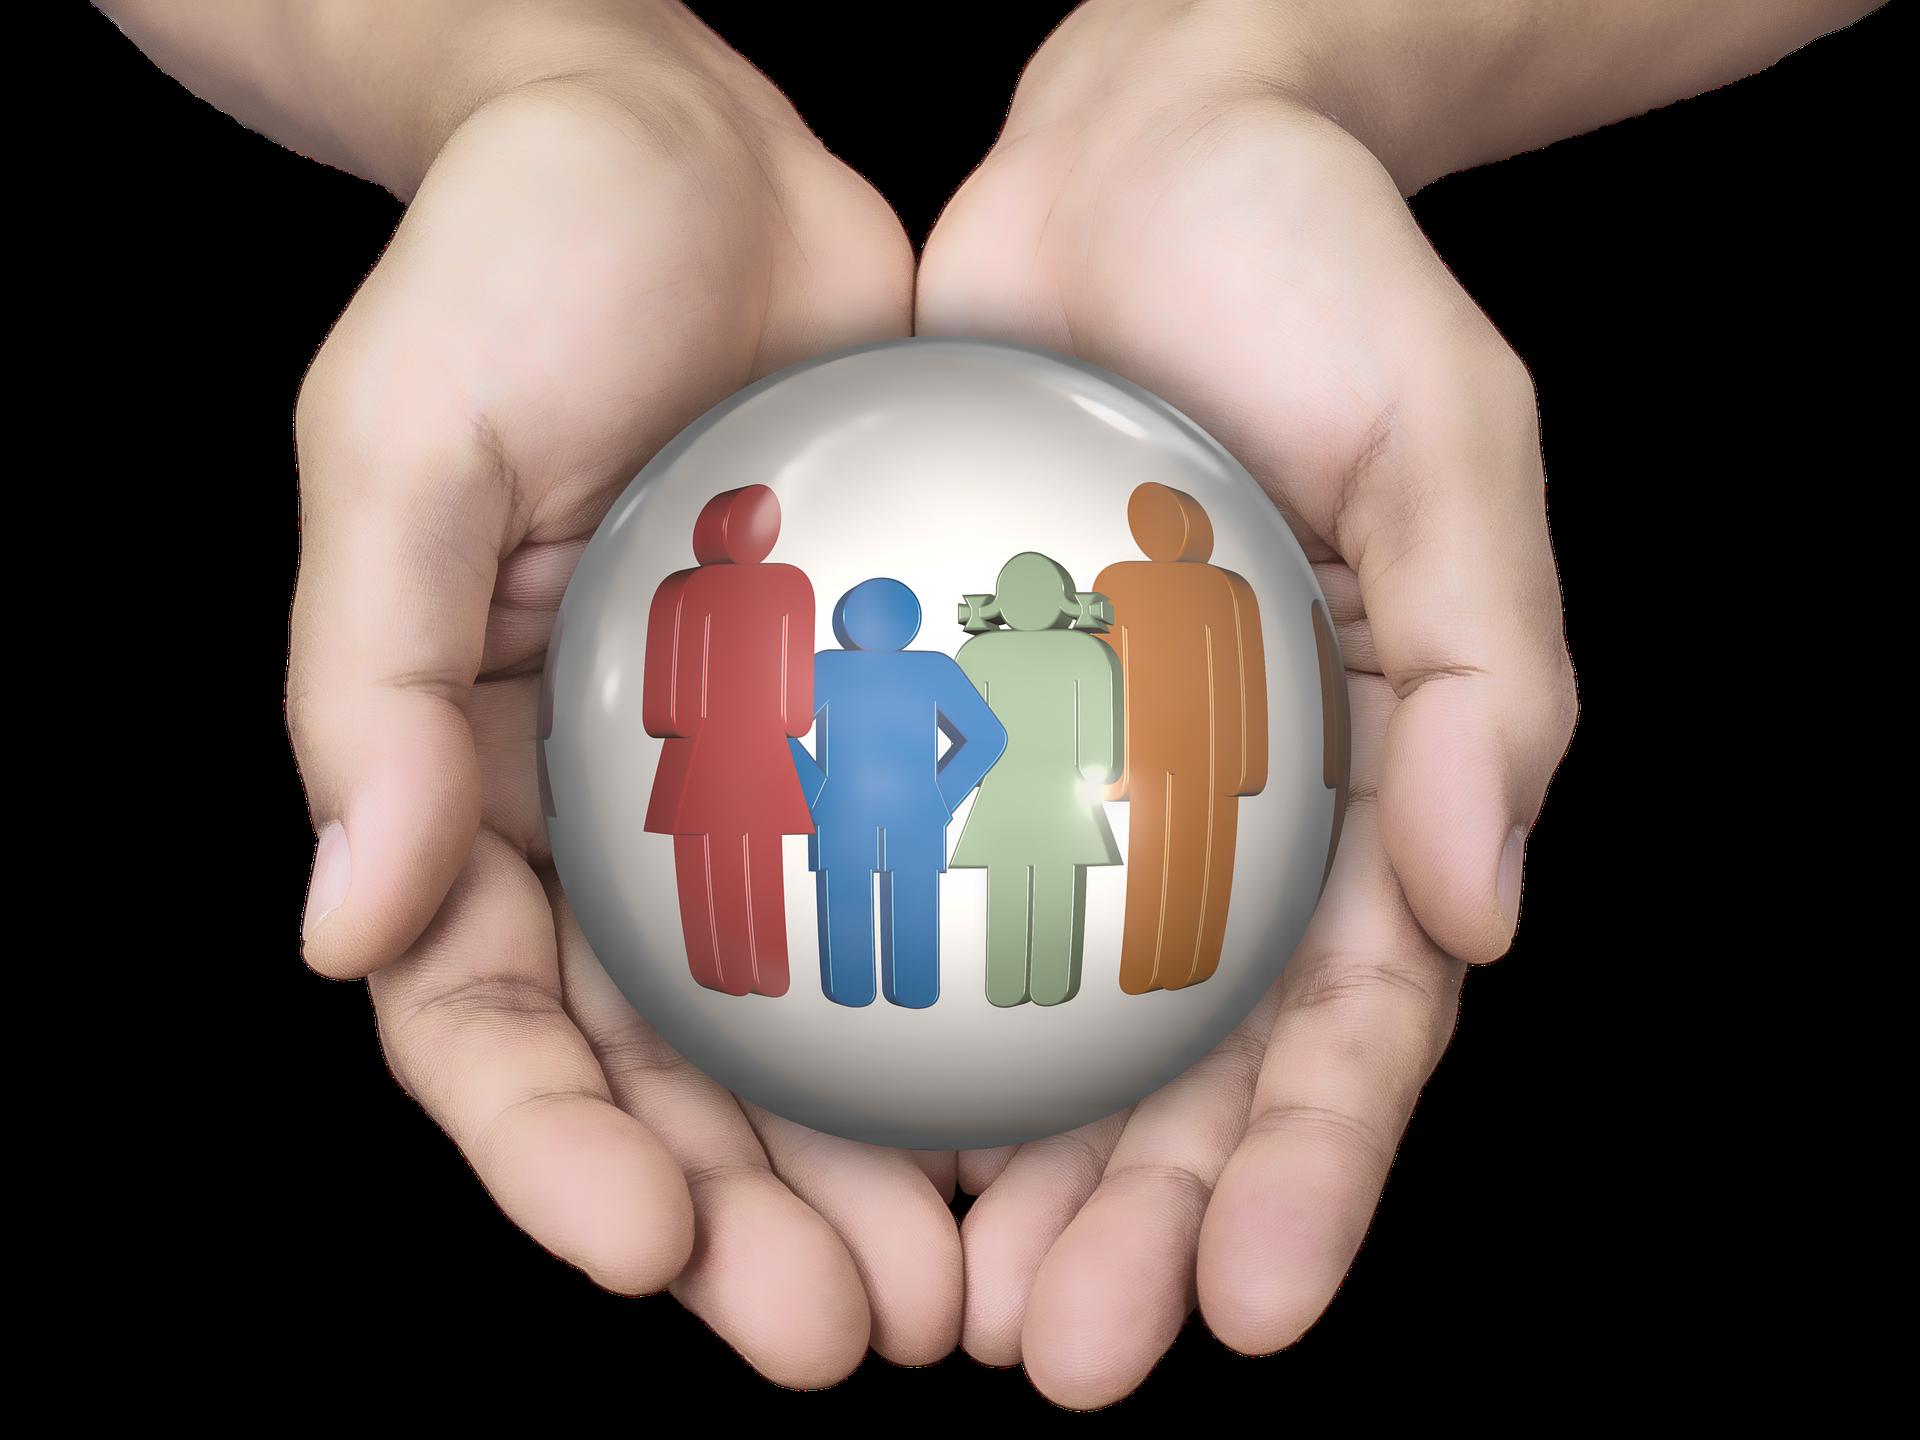 5 Key 'Make or Break' Life Insurance Trends